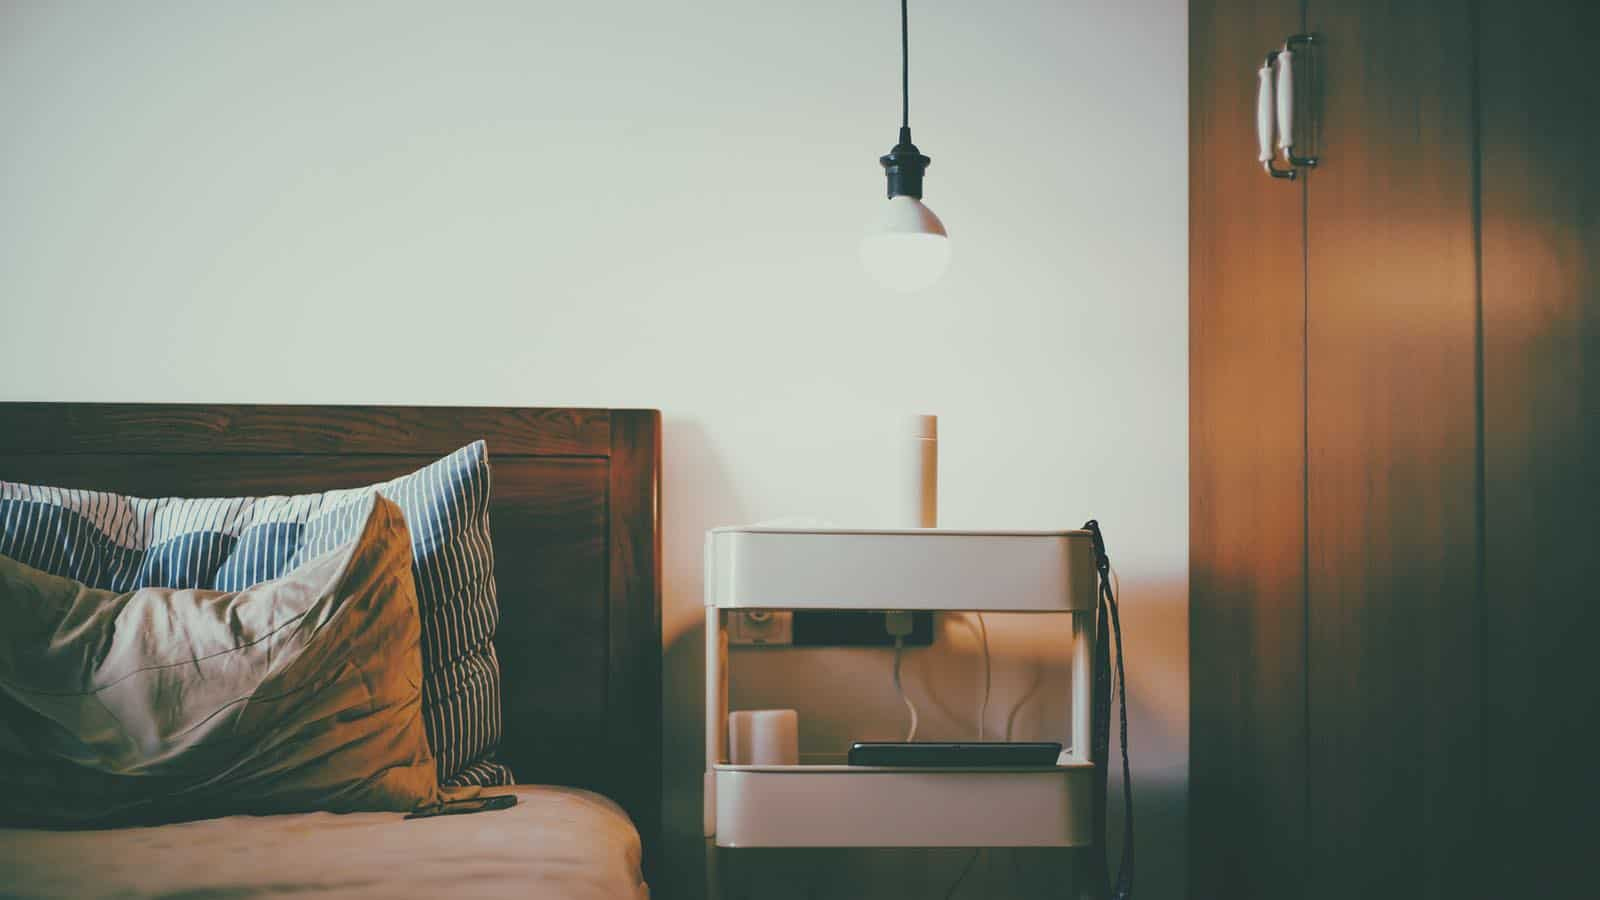 Dein Schlafzimmer Stil Muss Zu Deiner Schlafzimmer Lampe Romantisch  Zusammen Passen